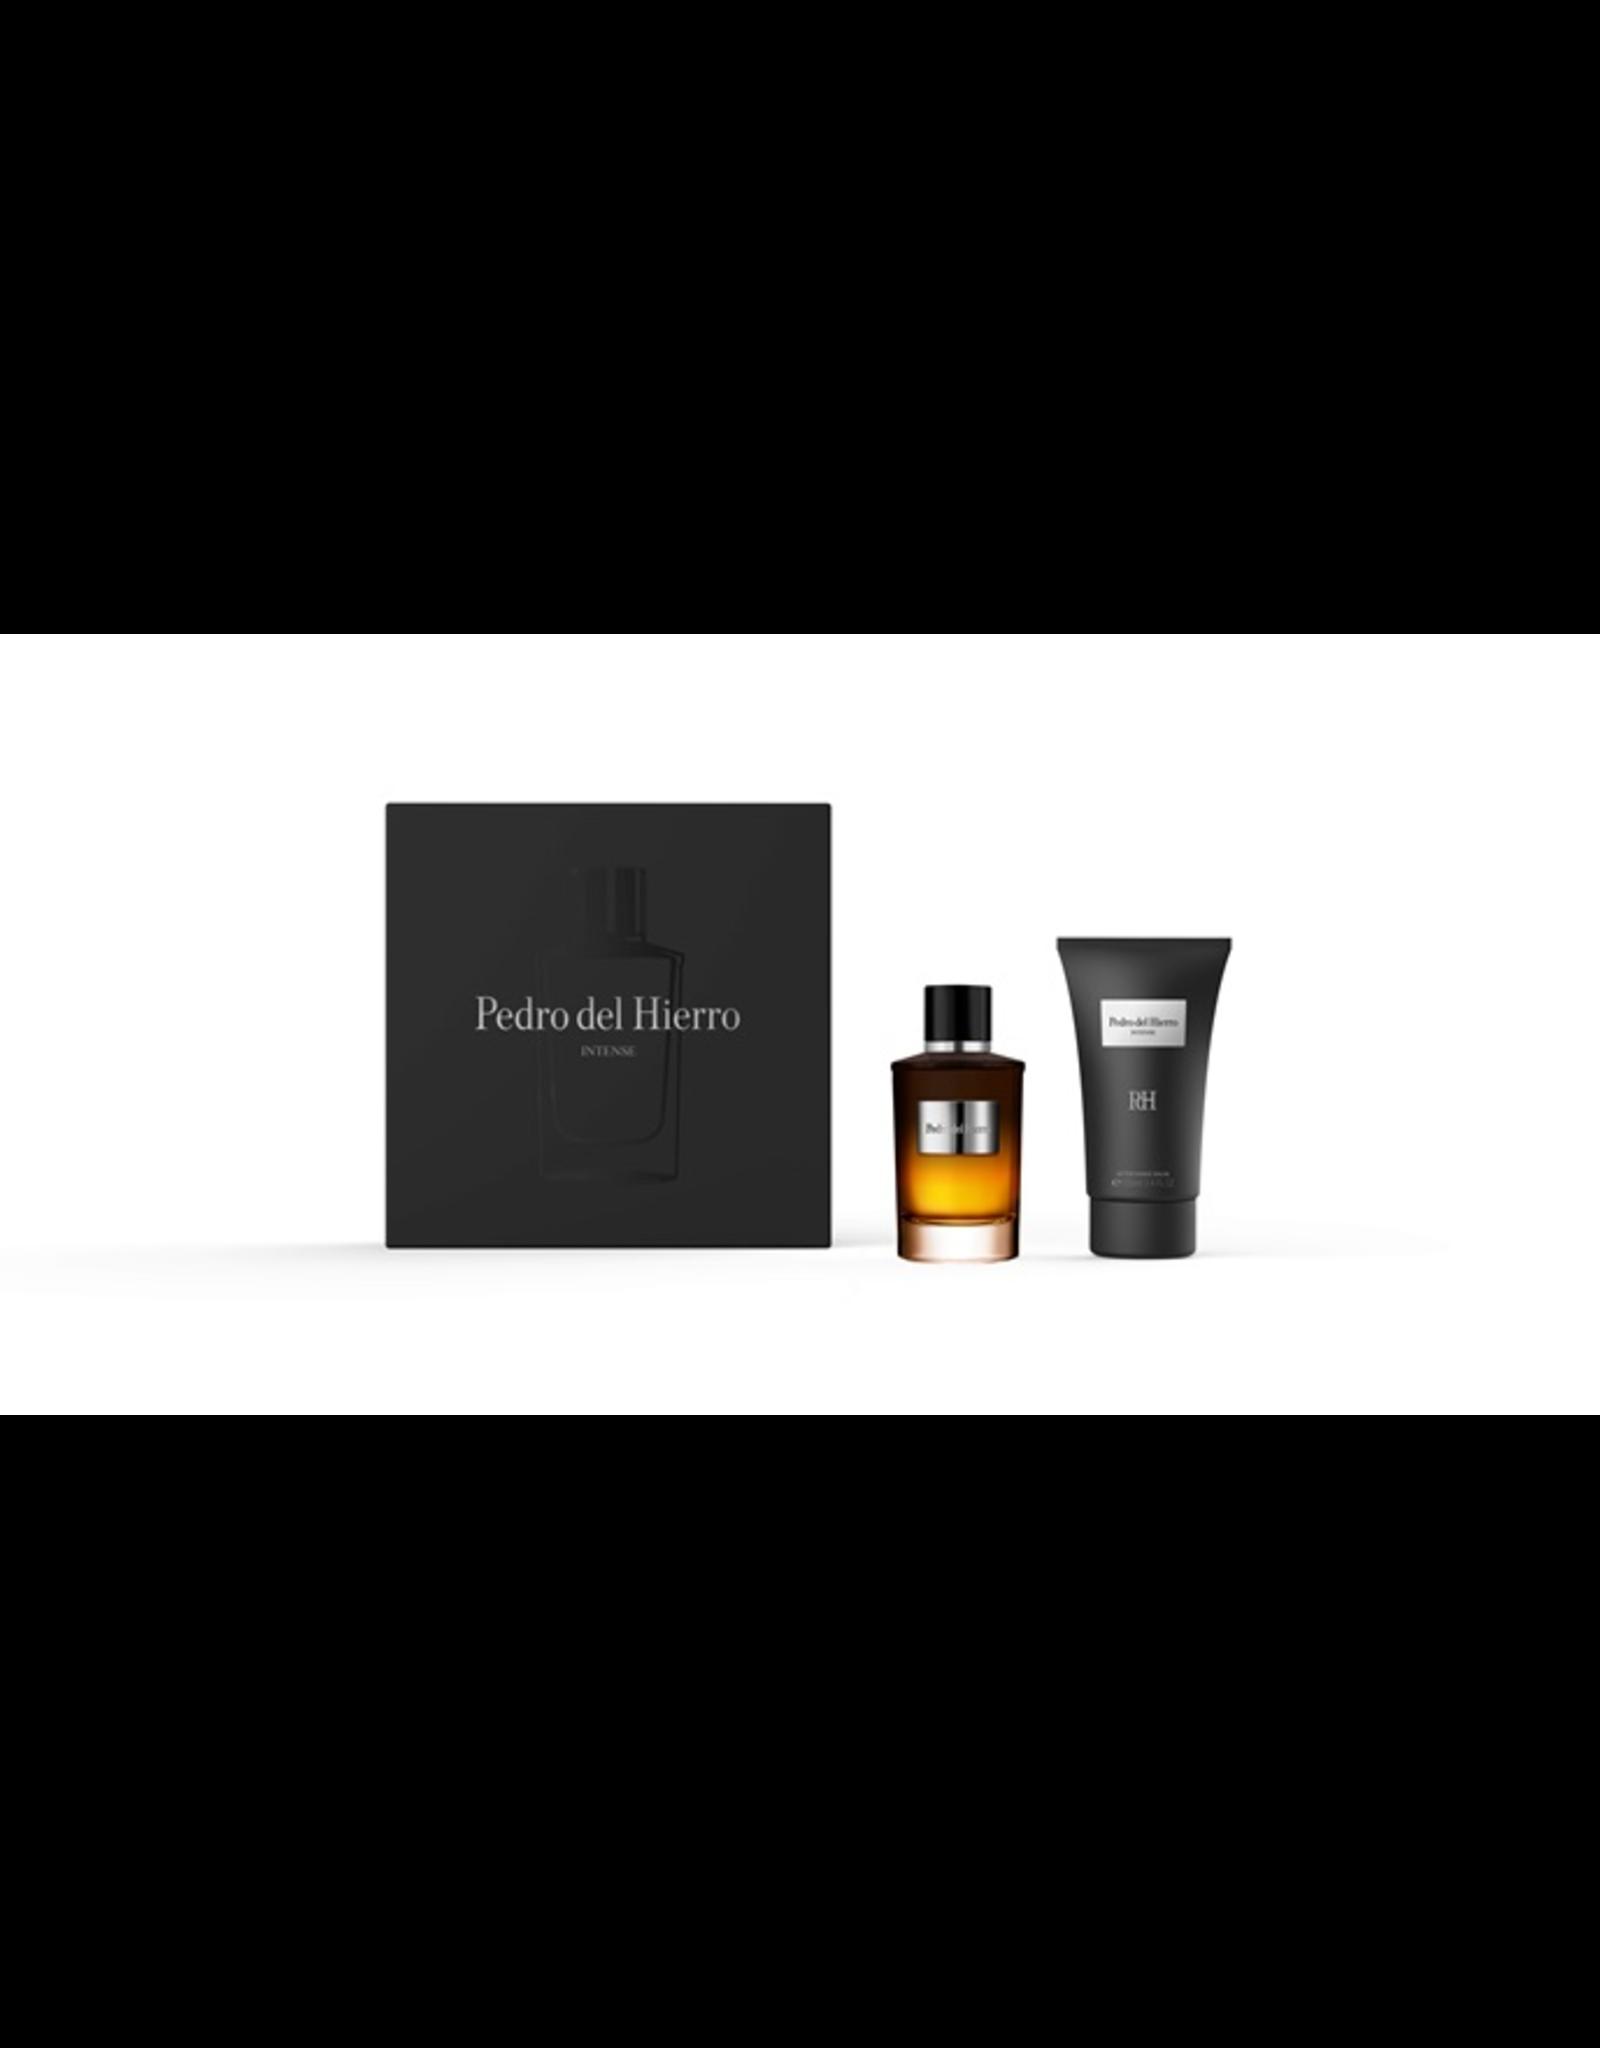 Pedro del Hierro PDH Intense Gift Set - Pedro del Hierro